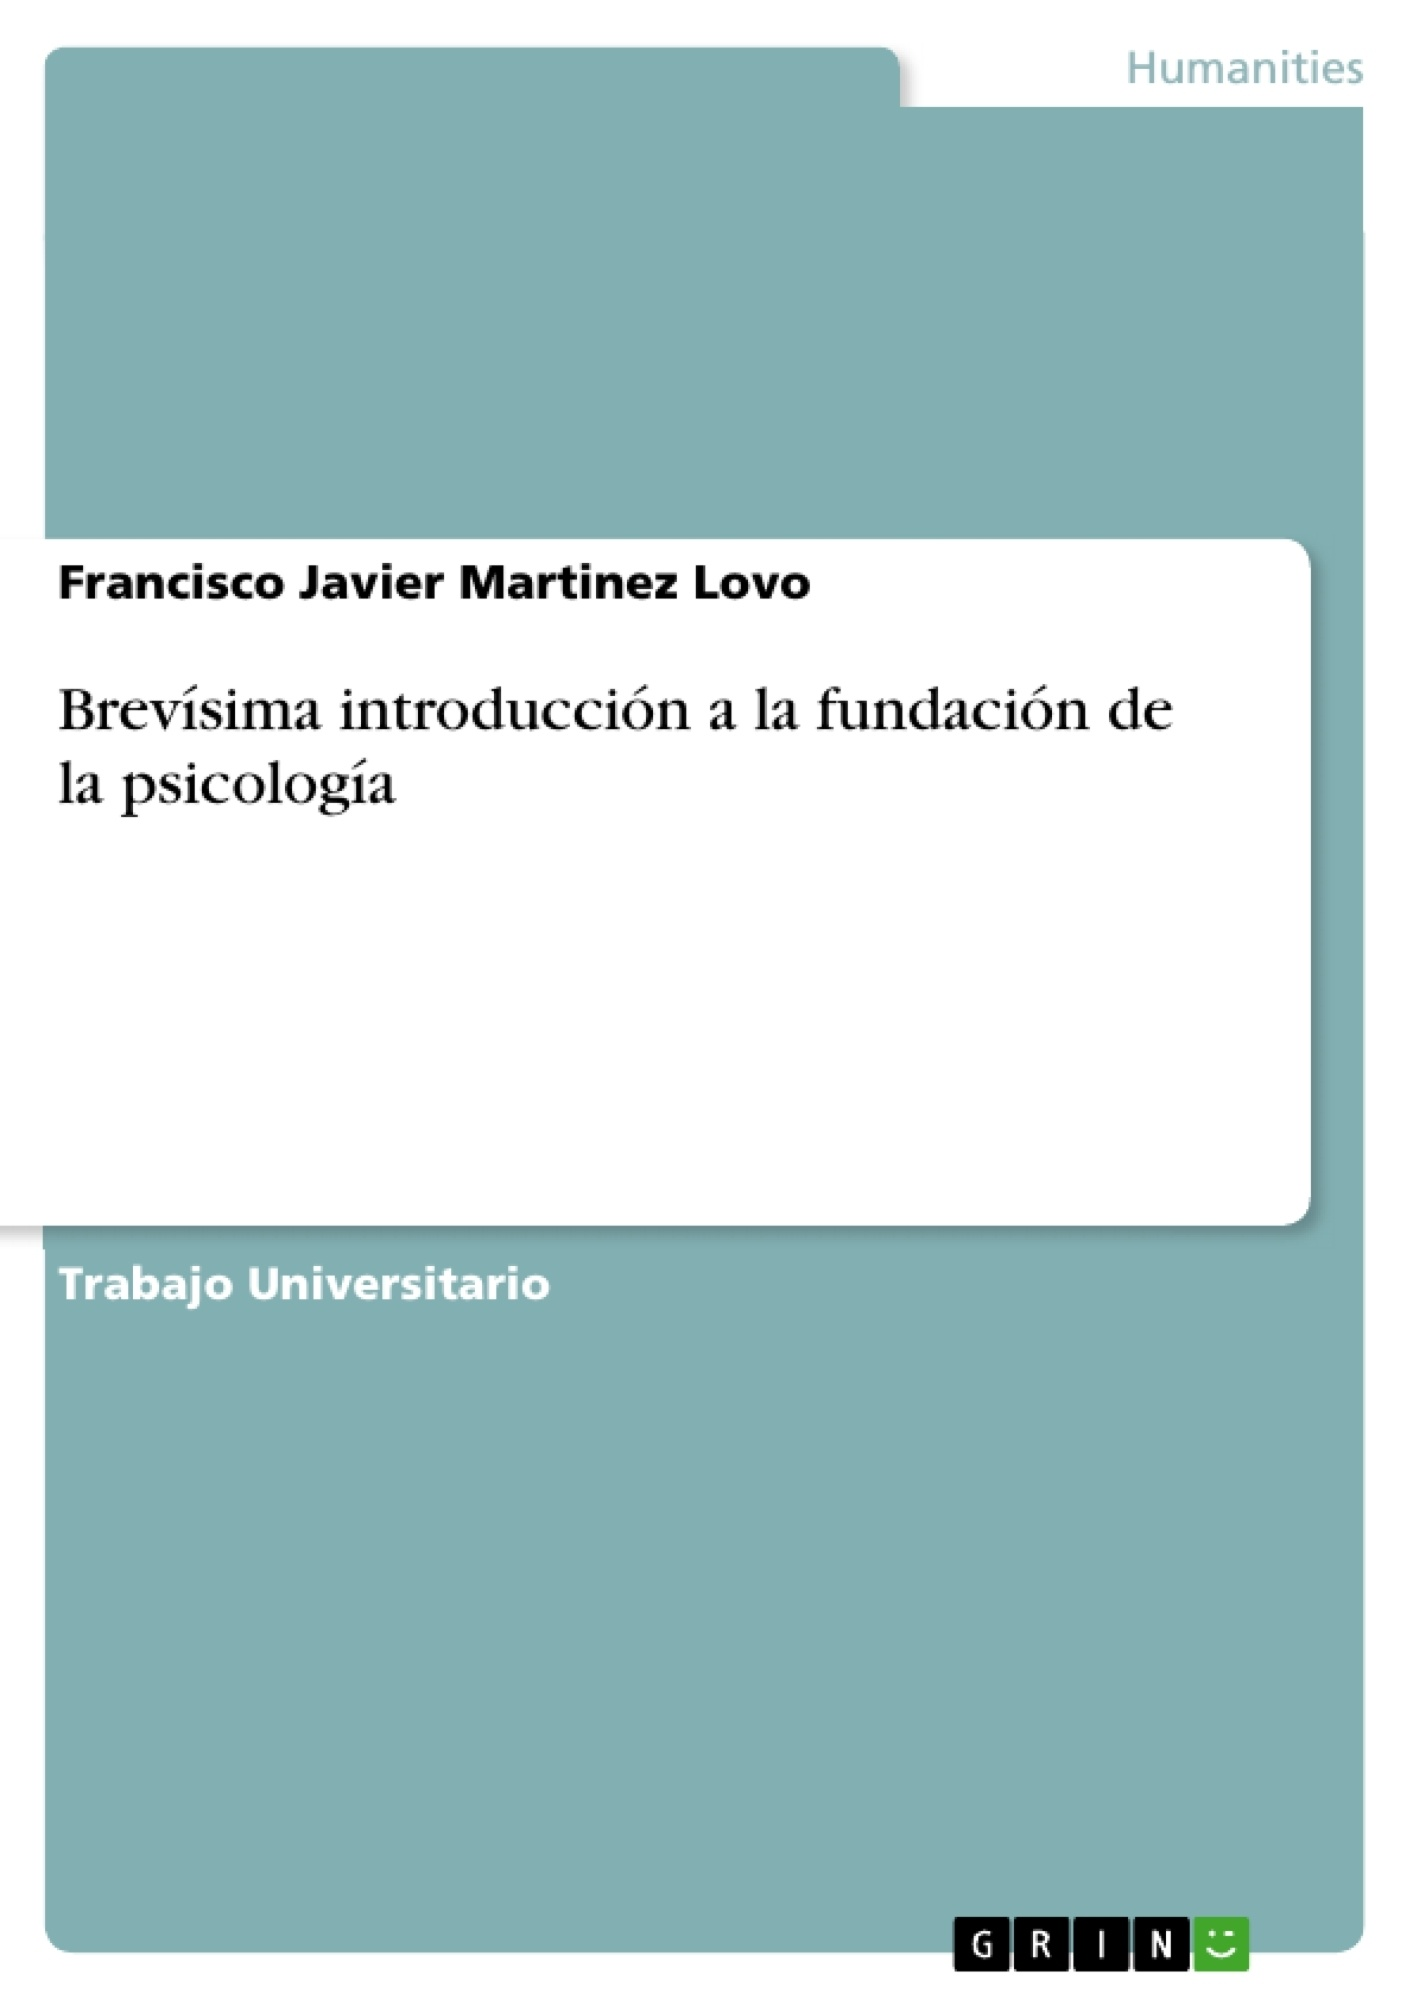 Título: Brevísima introducción a la fundación de la psicología